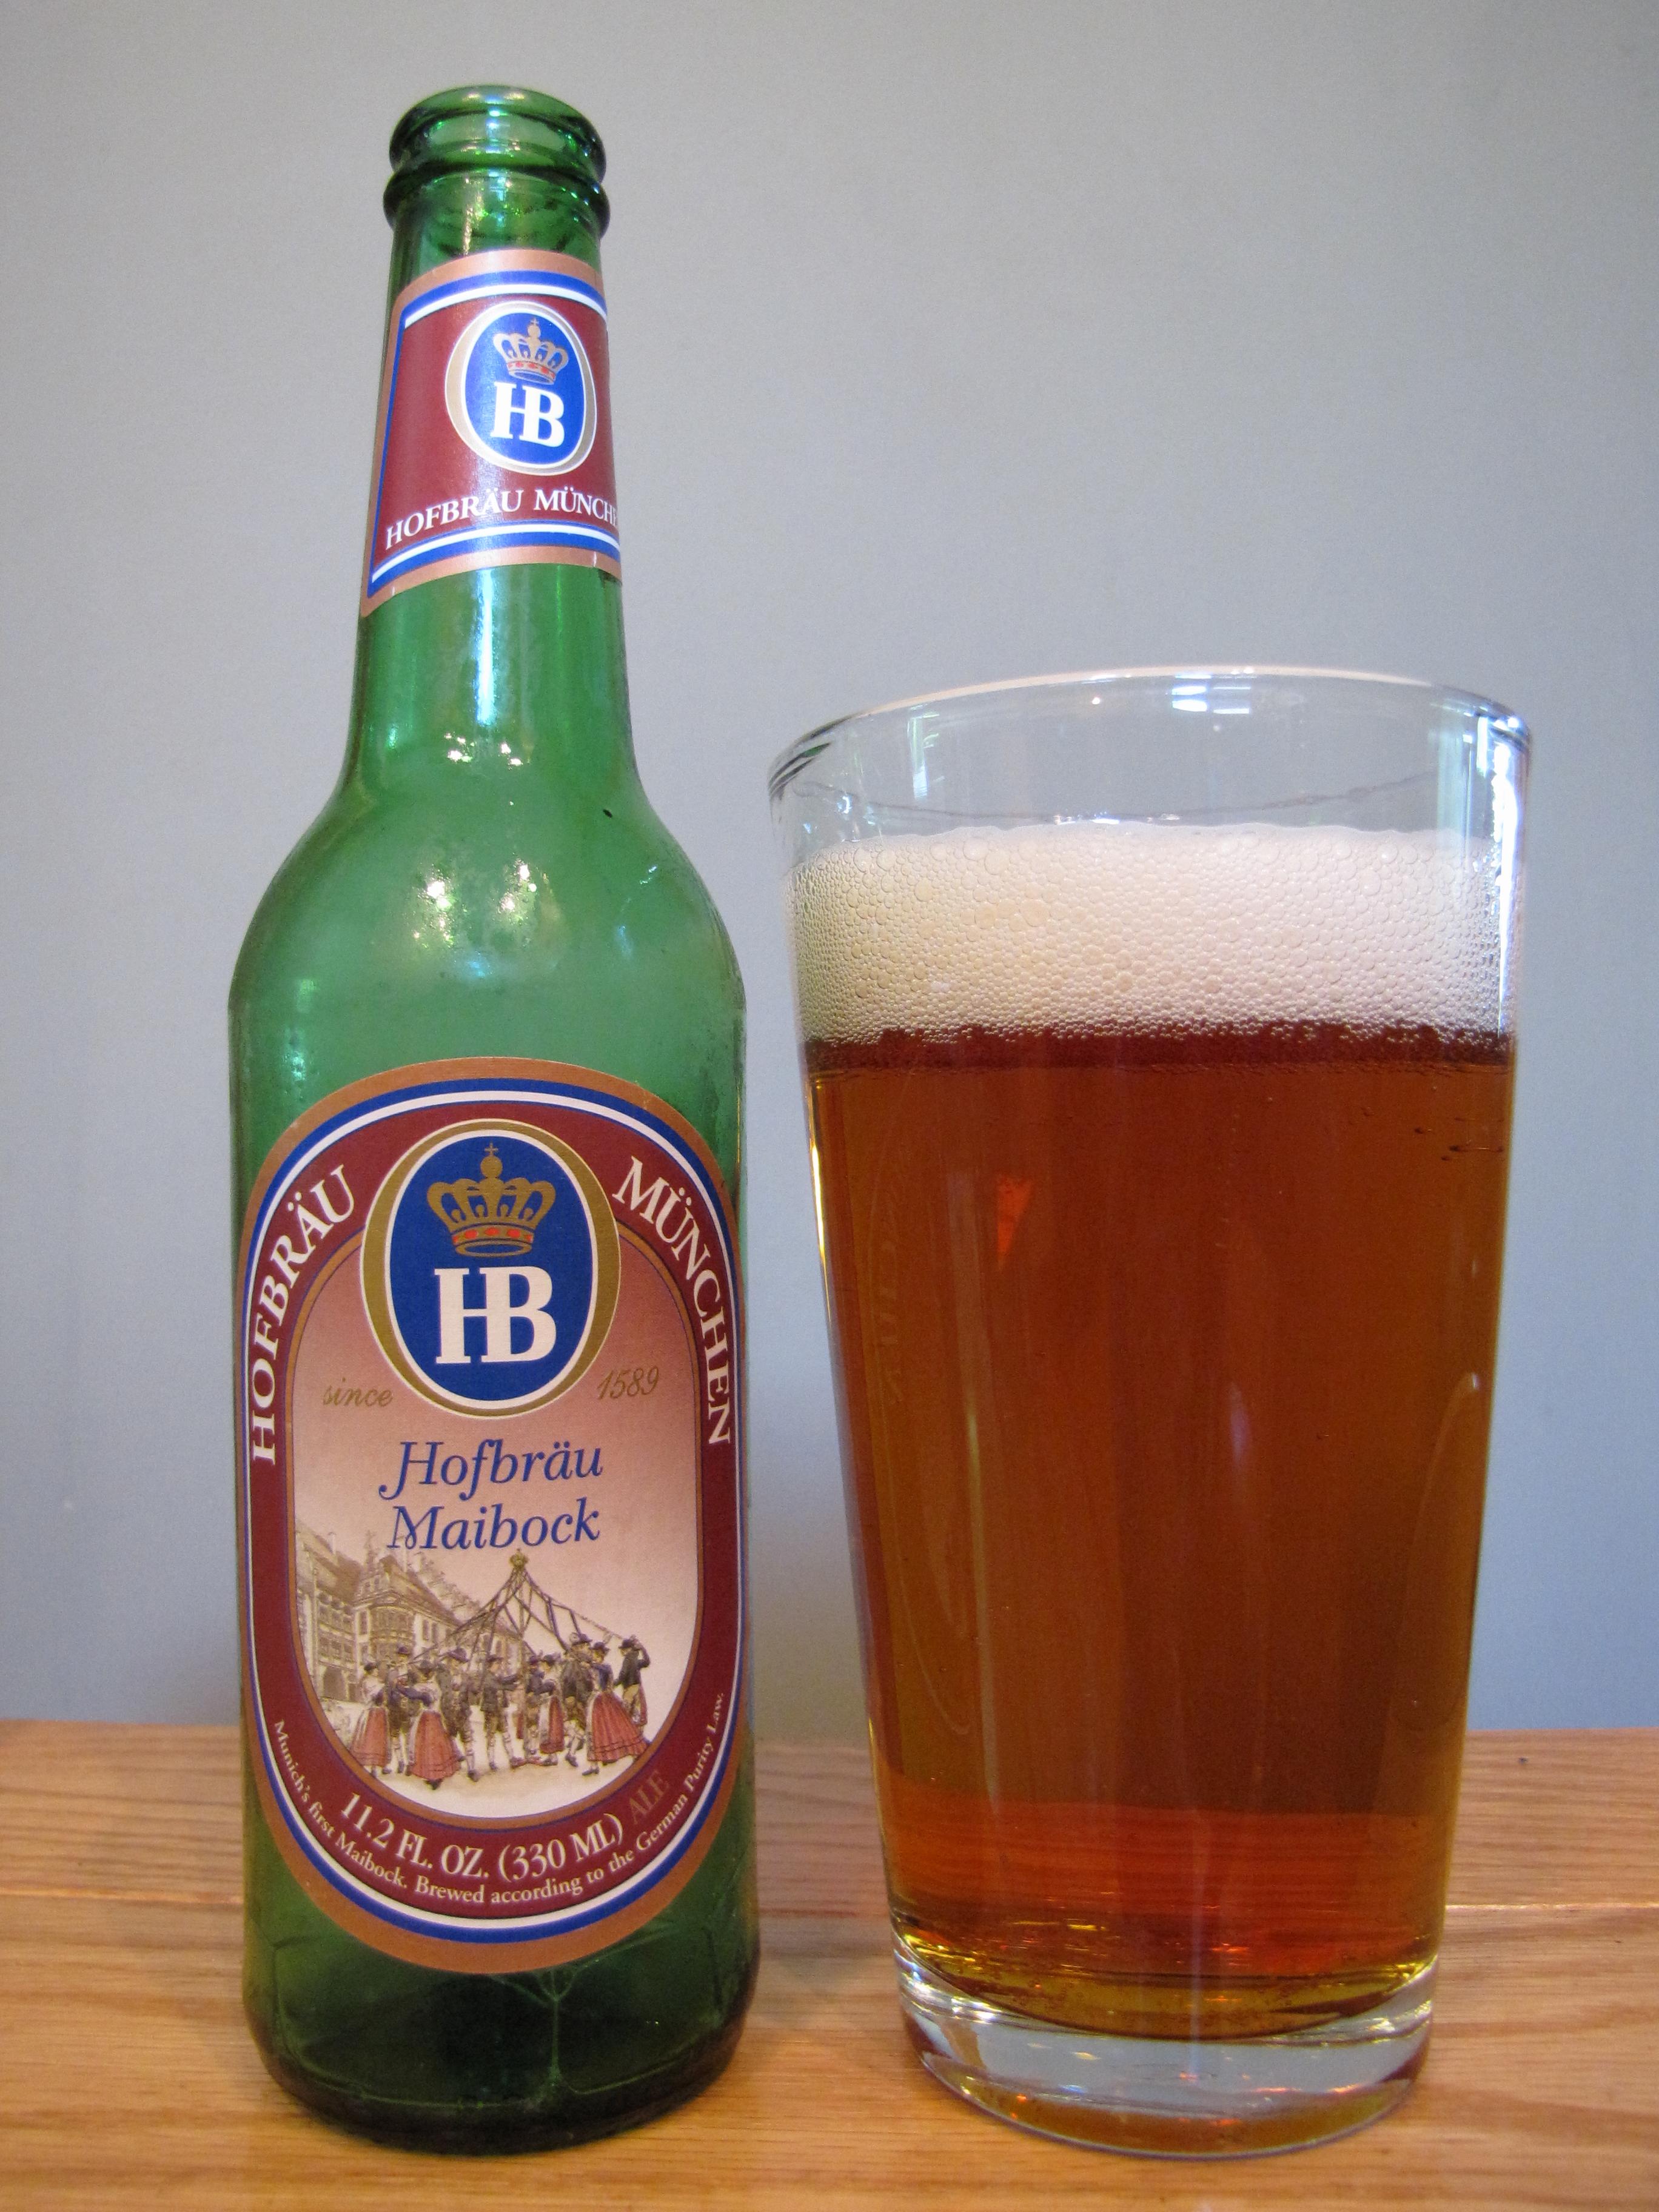 Hofbräu Münchner Maibock